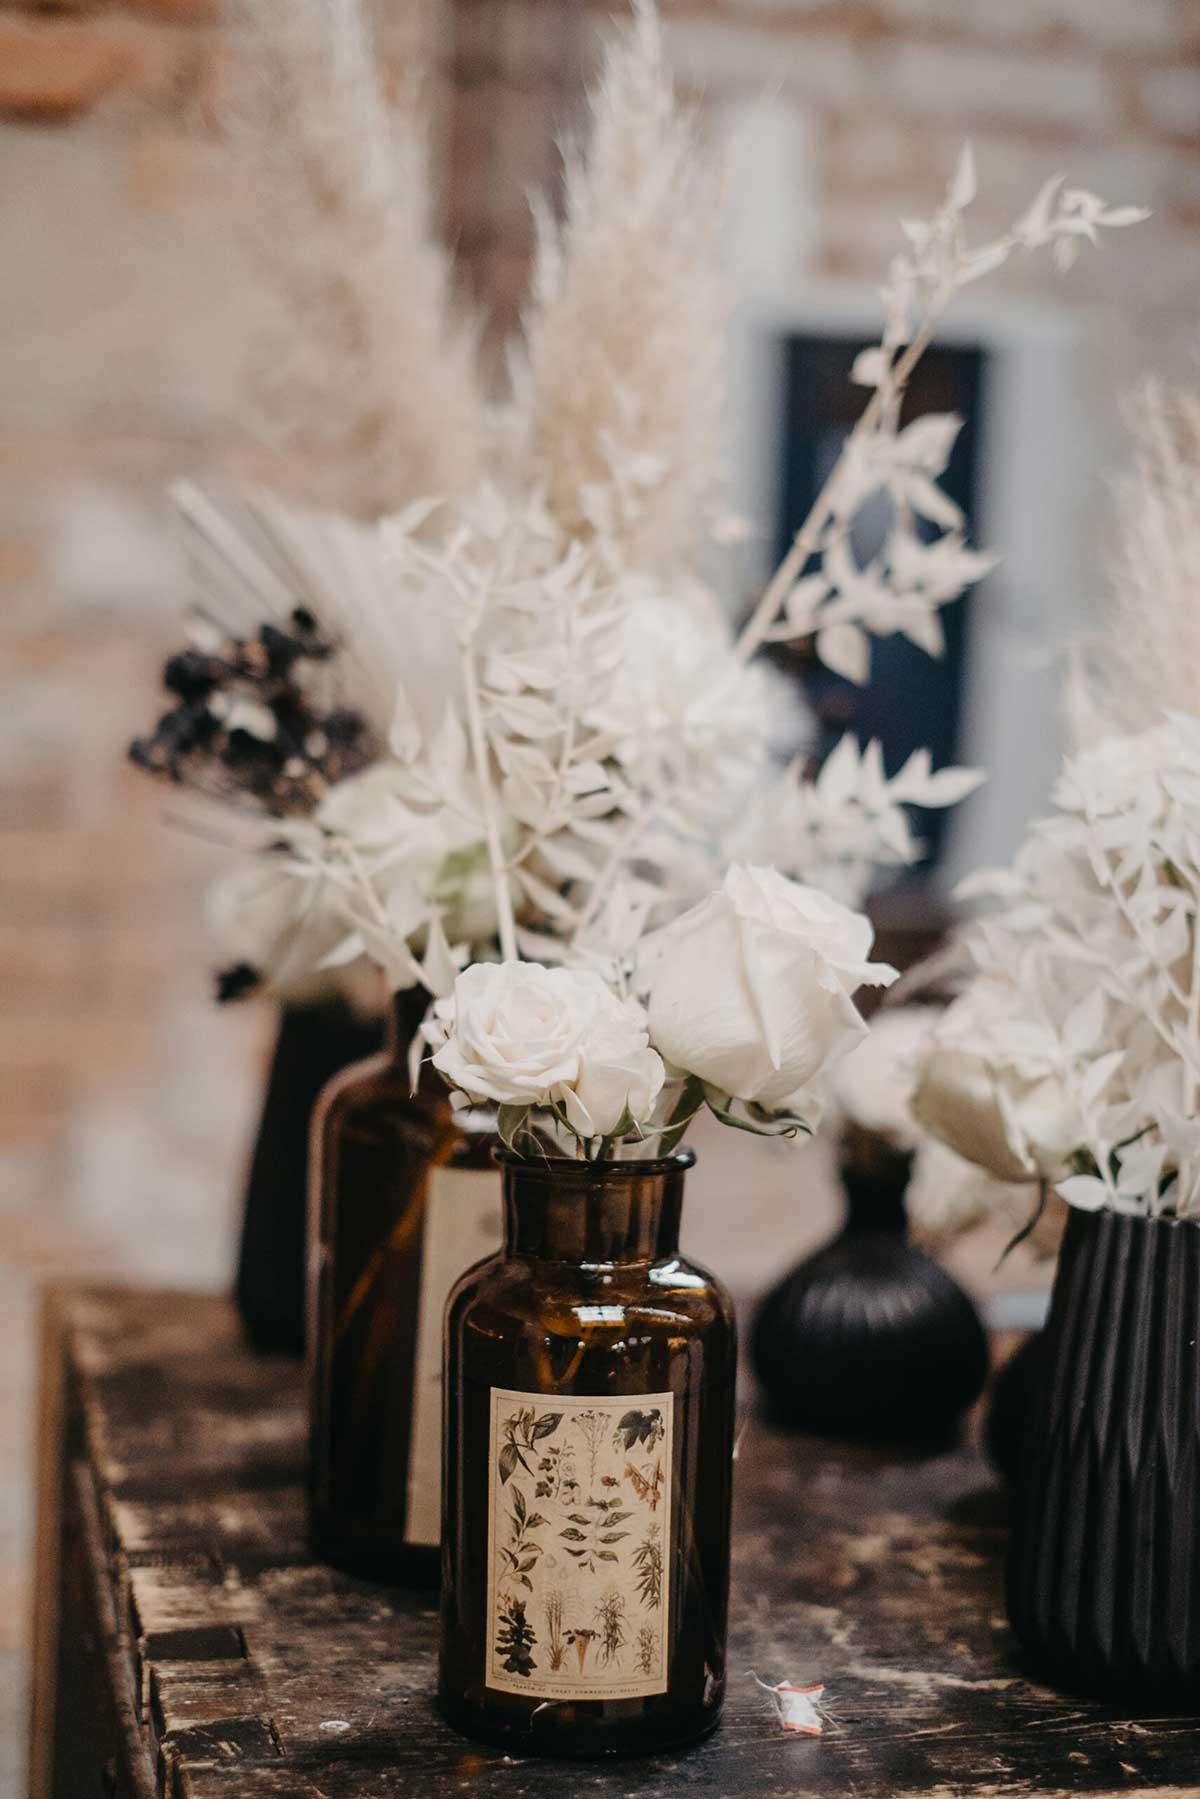 Trockenblumen zur Dekoration bei der Hochzeit